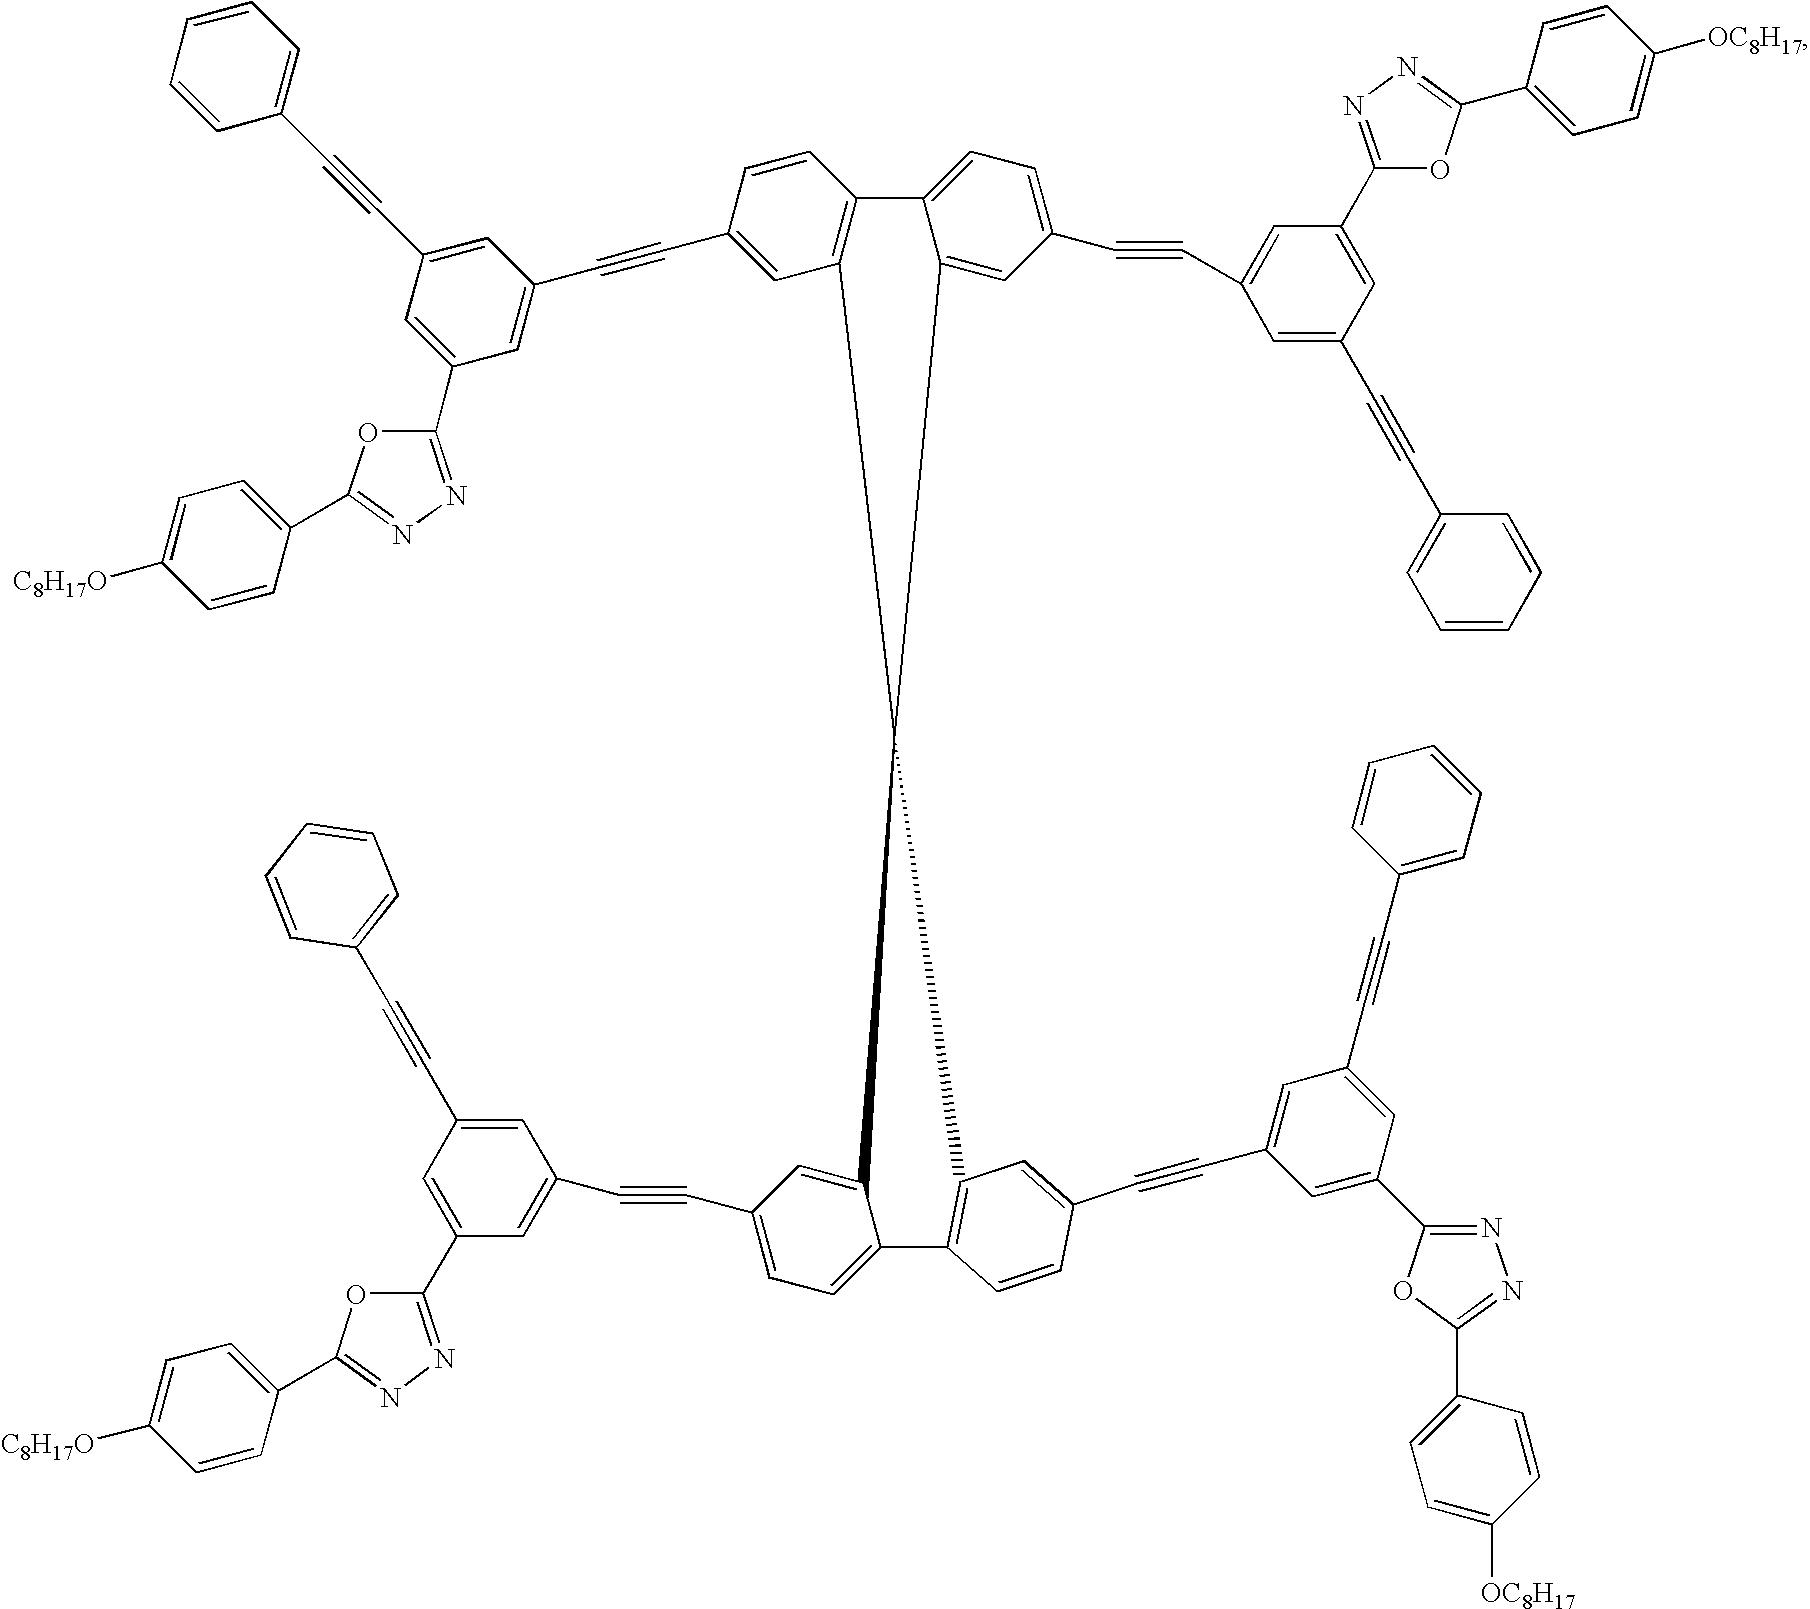 Figure US20070107835A1-20070517-C00042